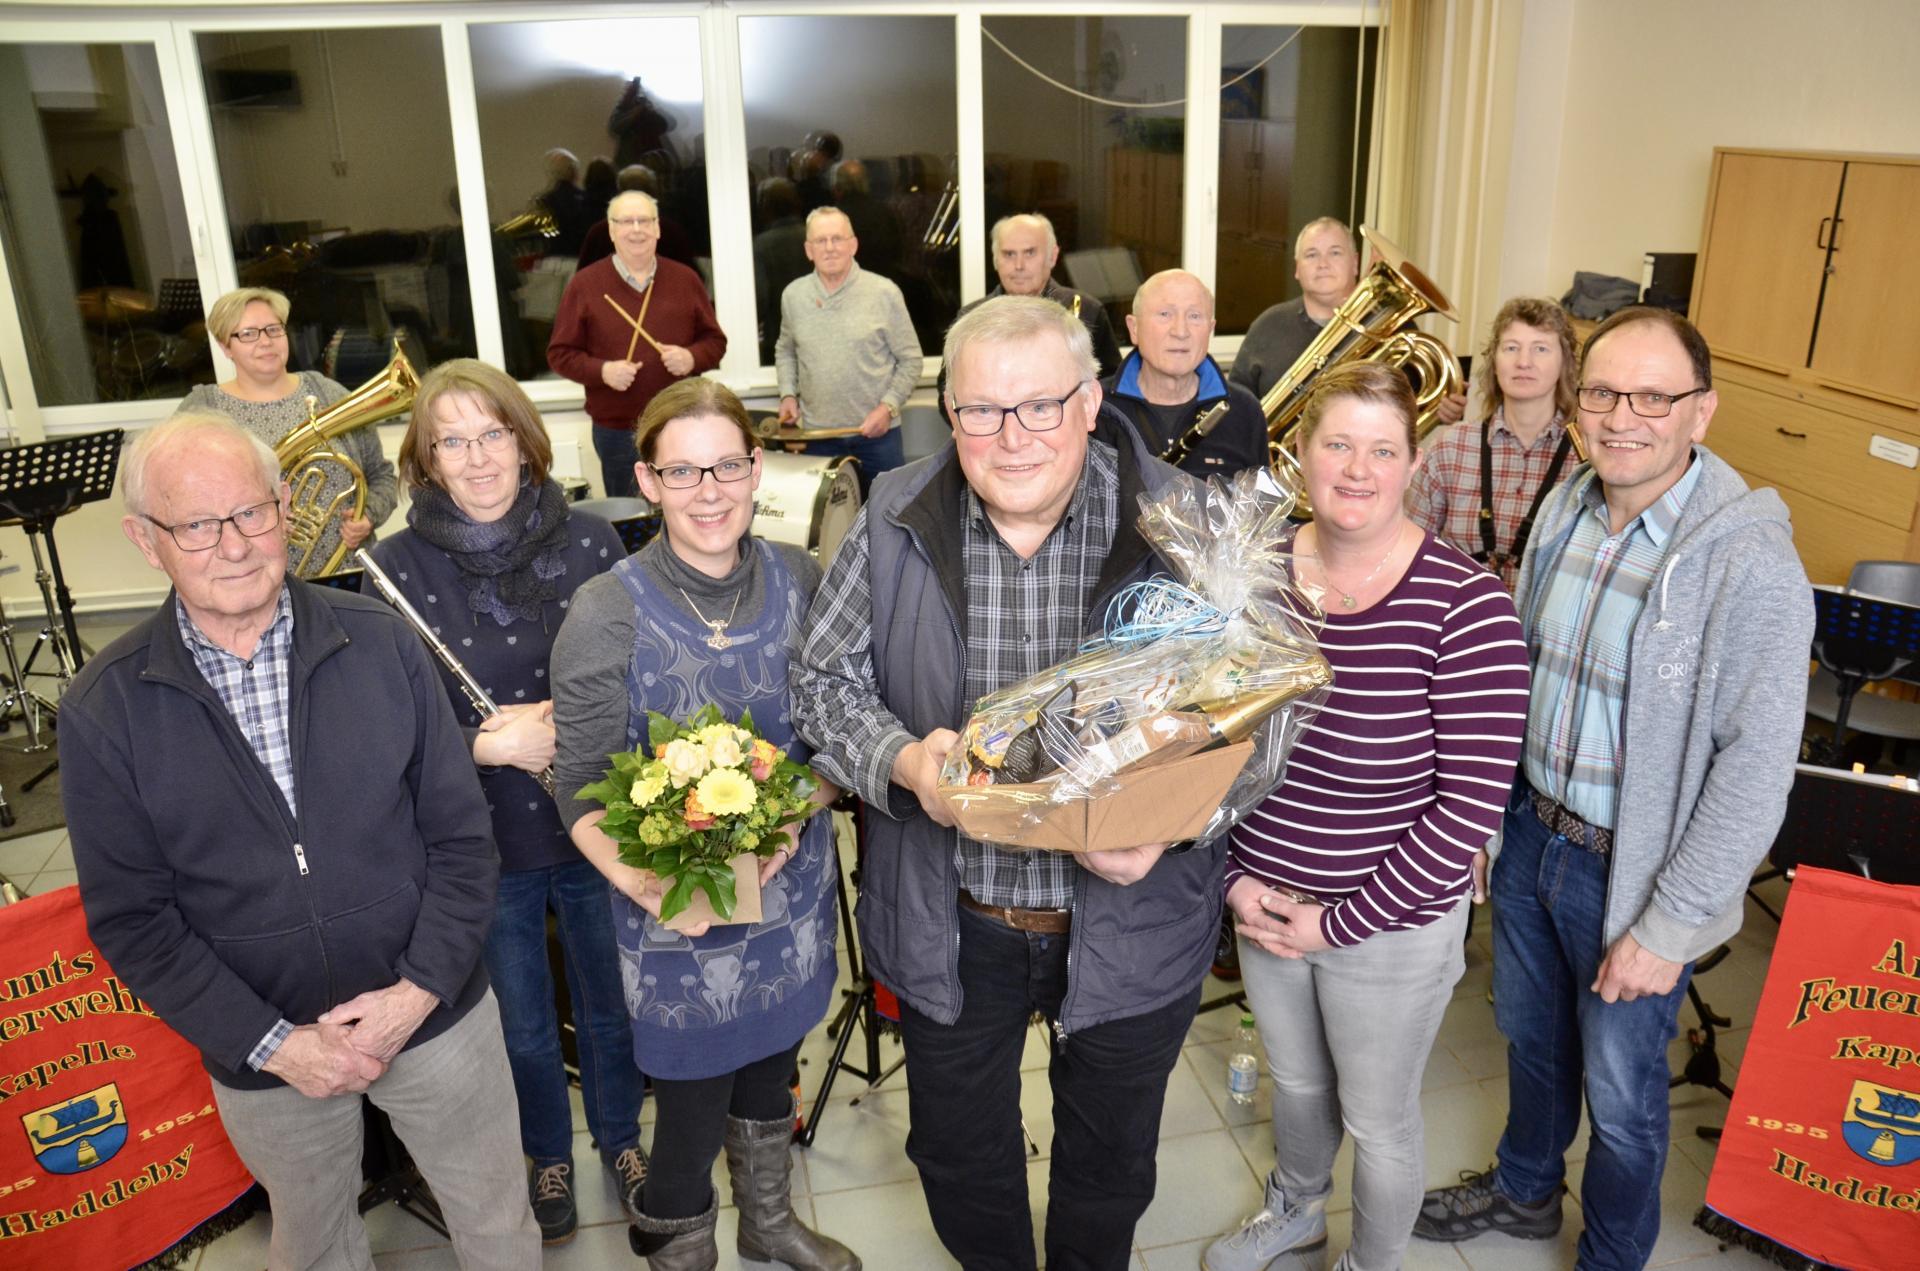 Foto Weiss: Dirigent Jürgen Rickert,  Liselotte Brix, Annalena Gericke, Miriam Tams und Jörg Brumm bilden den Vorstand der Amtsfeuerwehrkapelle.